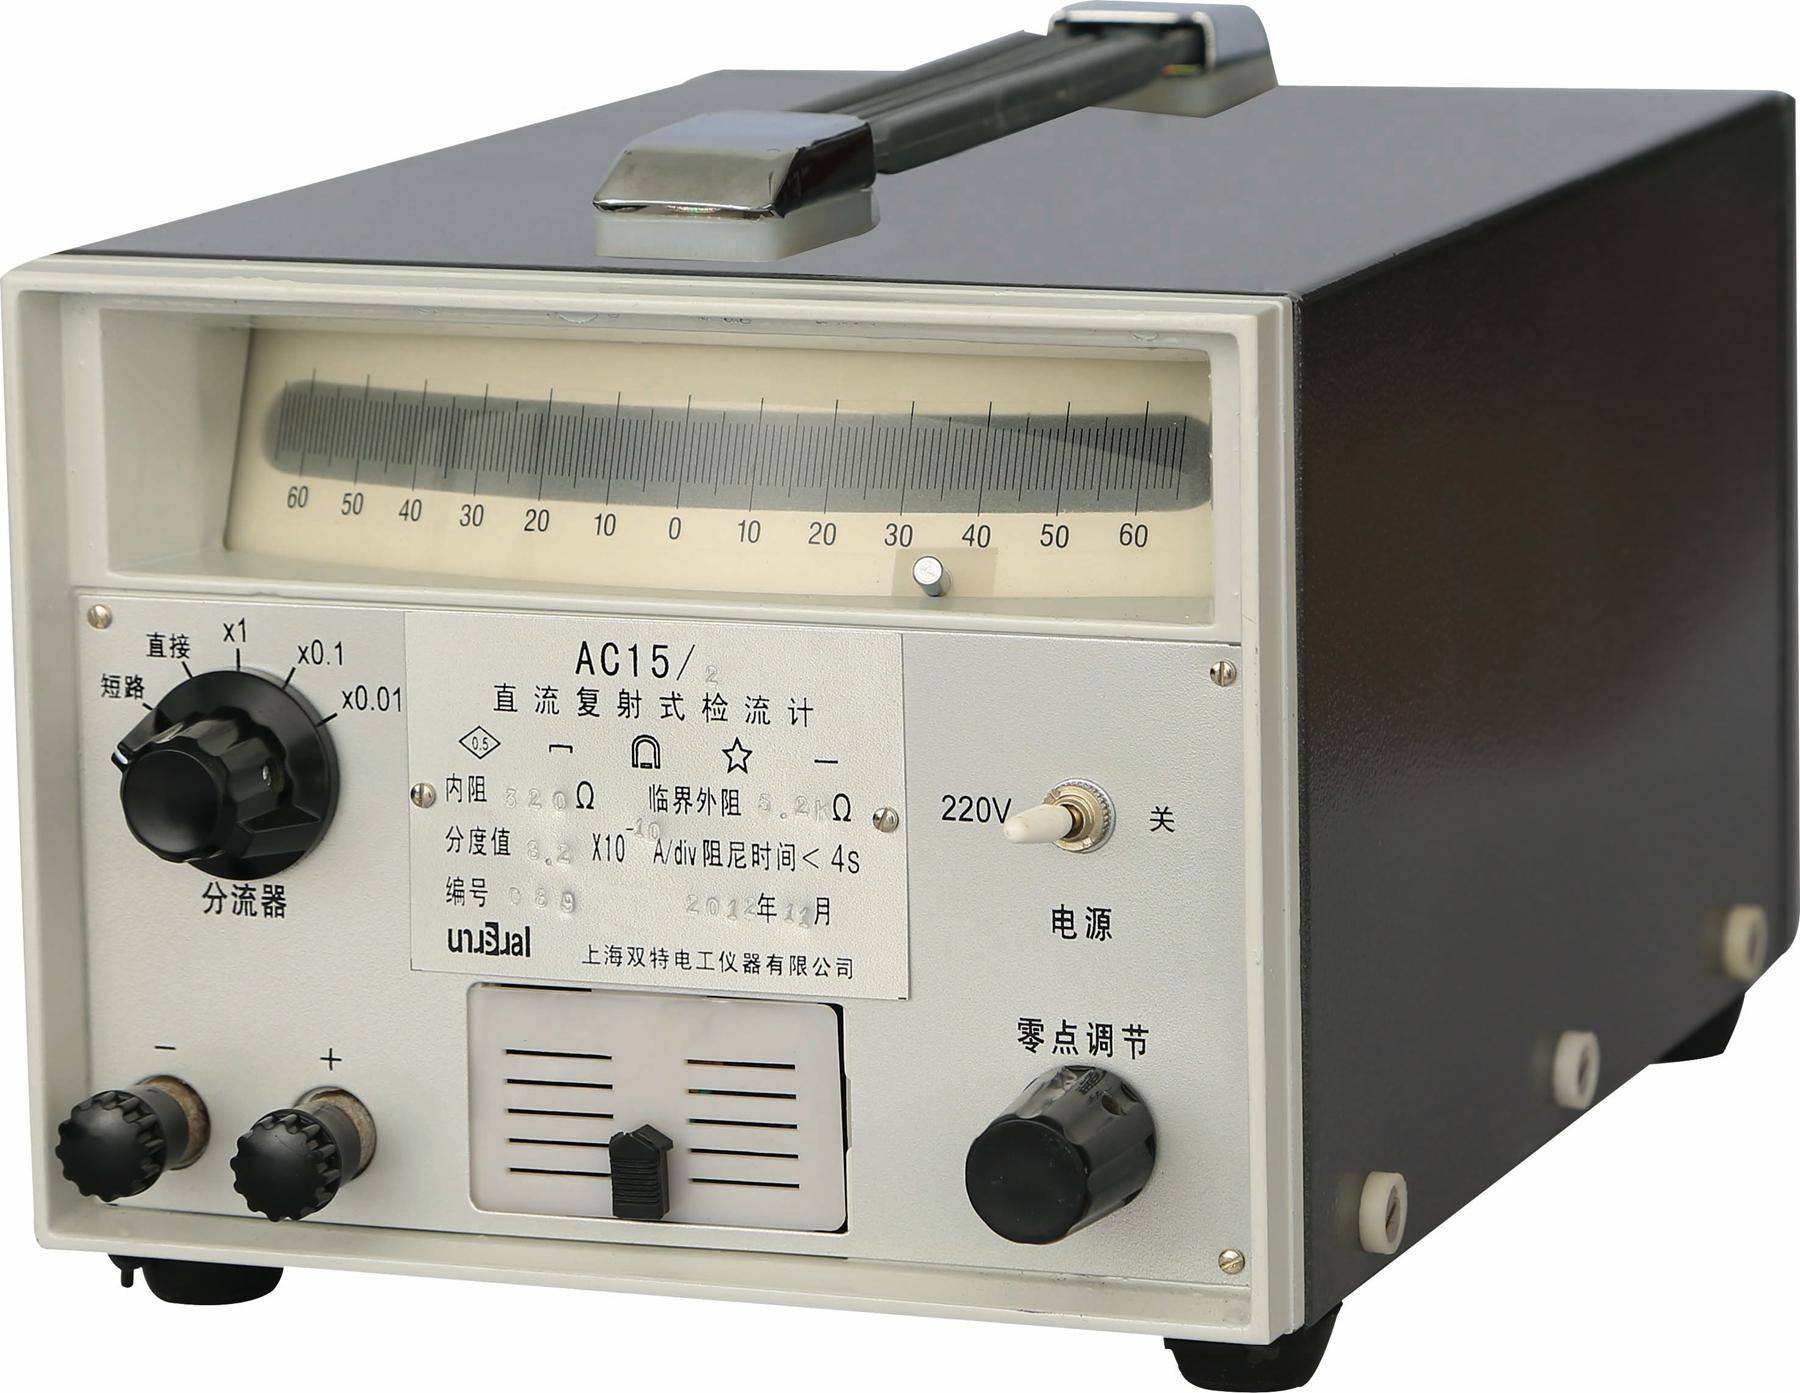 AC15/1-6型复射式直流检流计